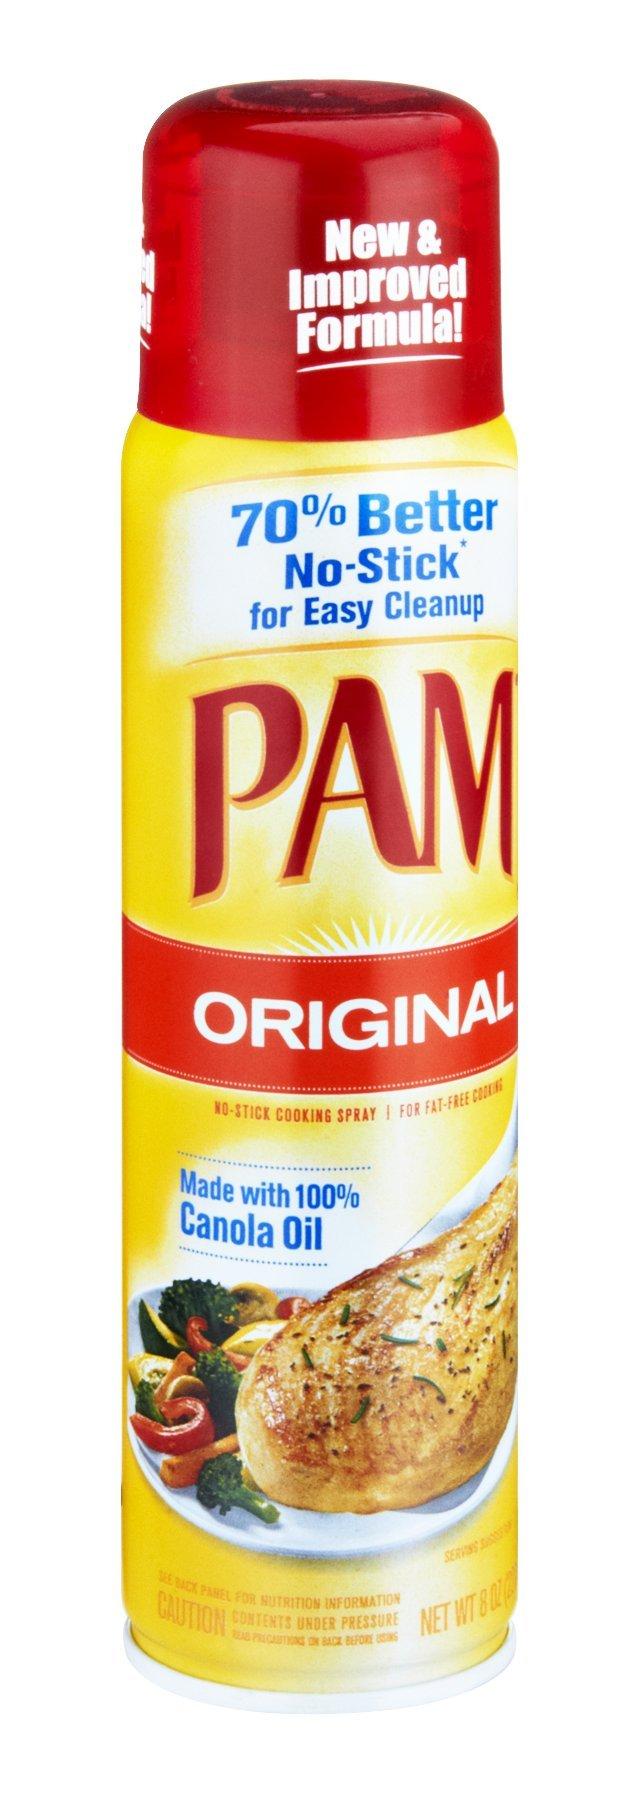 Pam Original No-Stick Cooking Spray 8 OZ (Pack of 24)